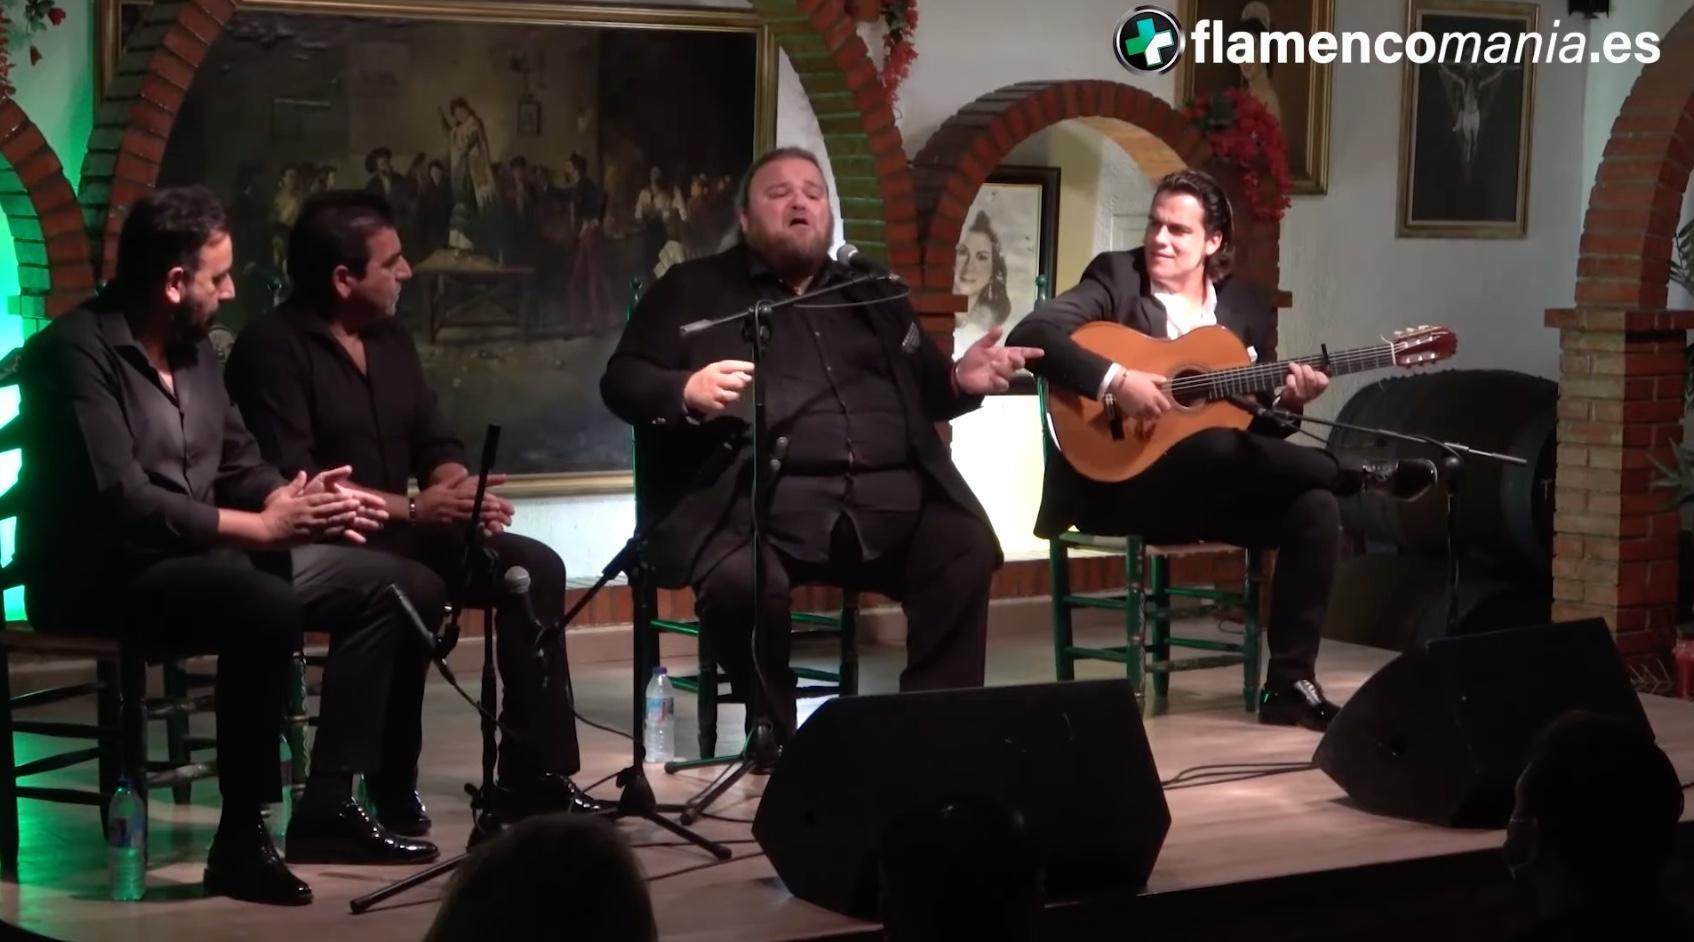 Flamencomanía TV: ''Ezequiel Benítez y Paco León en la P.F. Los Cernícalos''